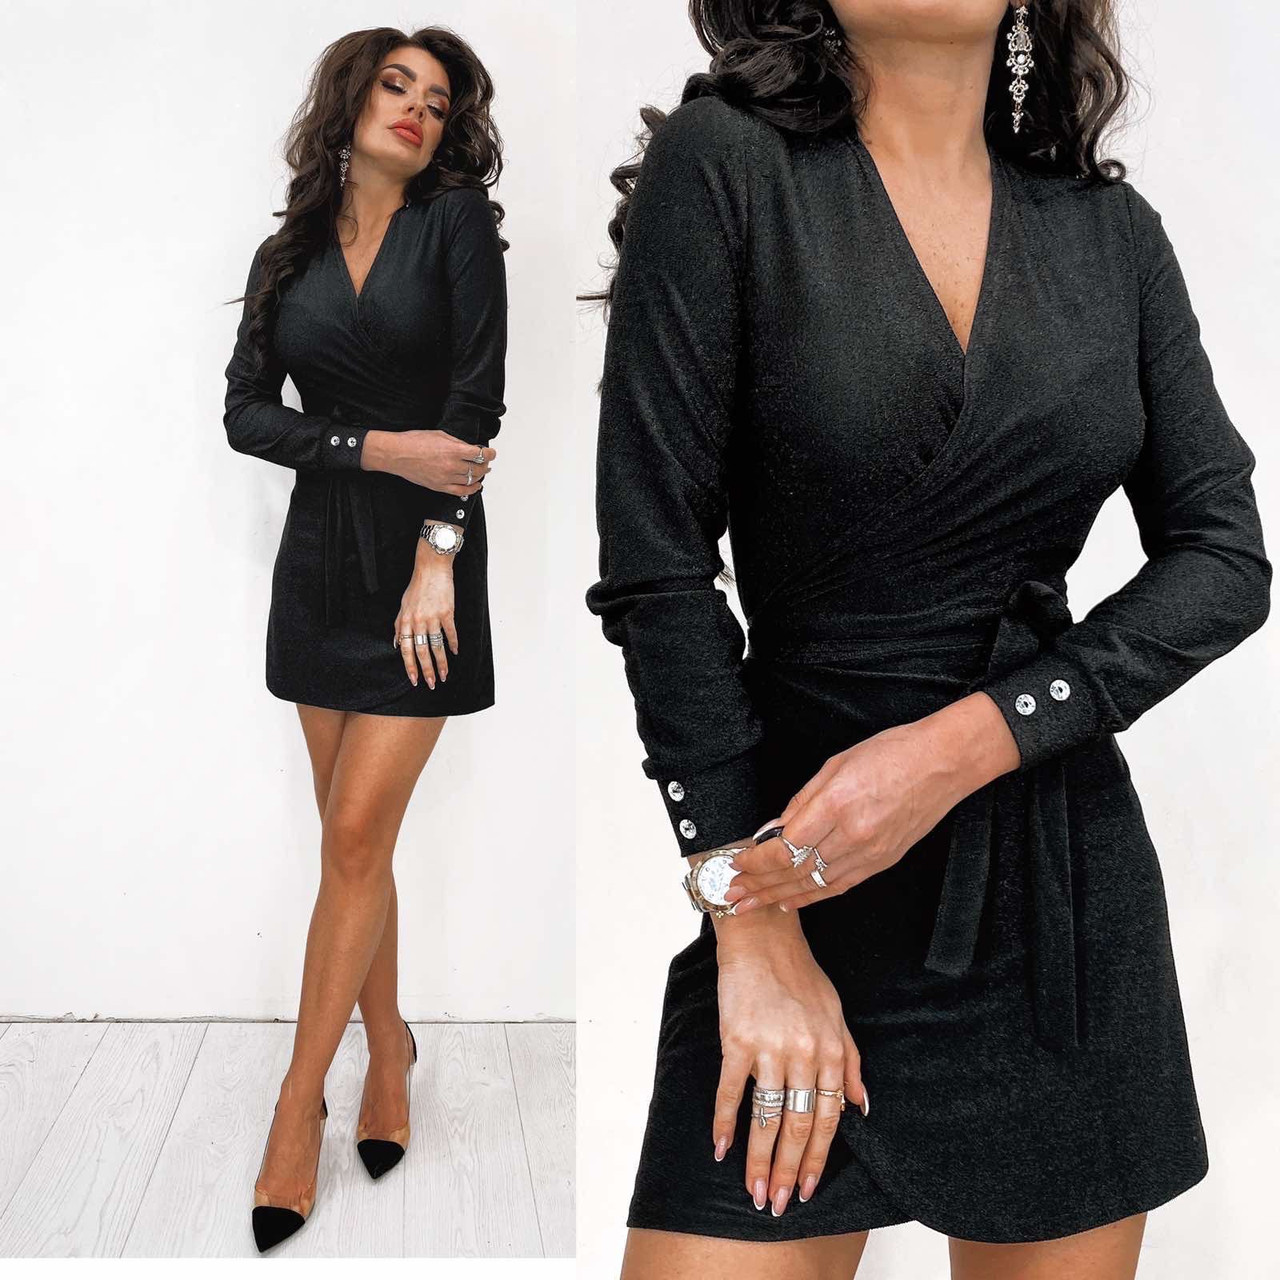 Чёрное вечернее платье на запах